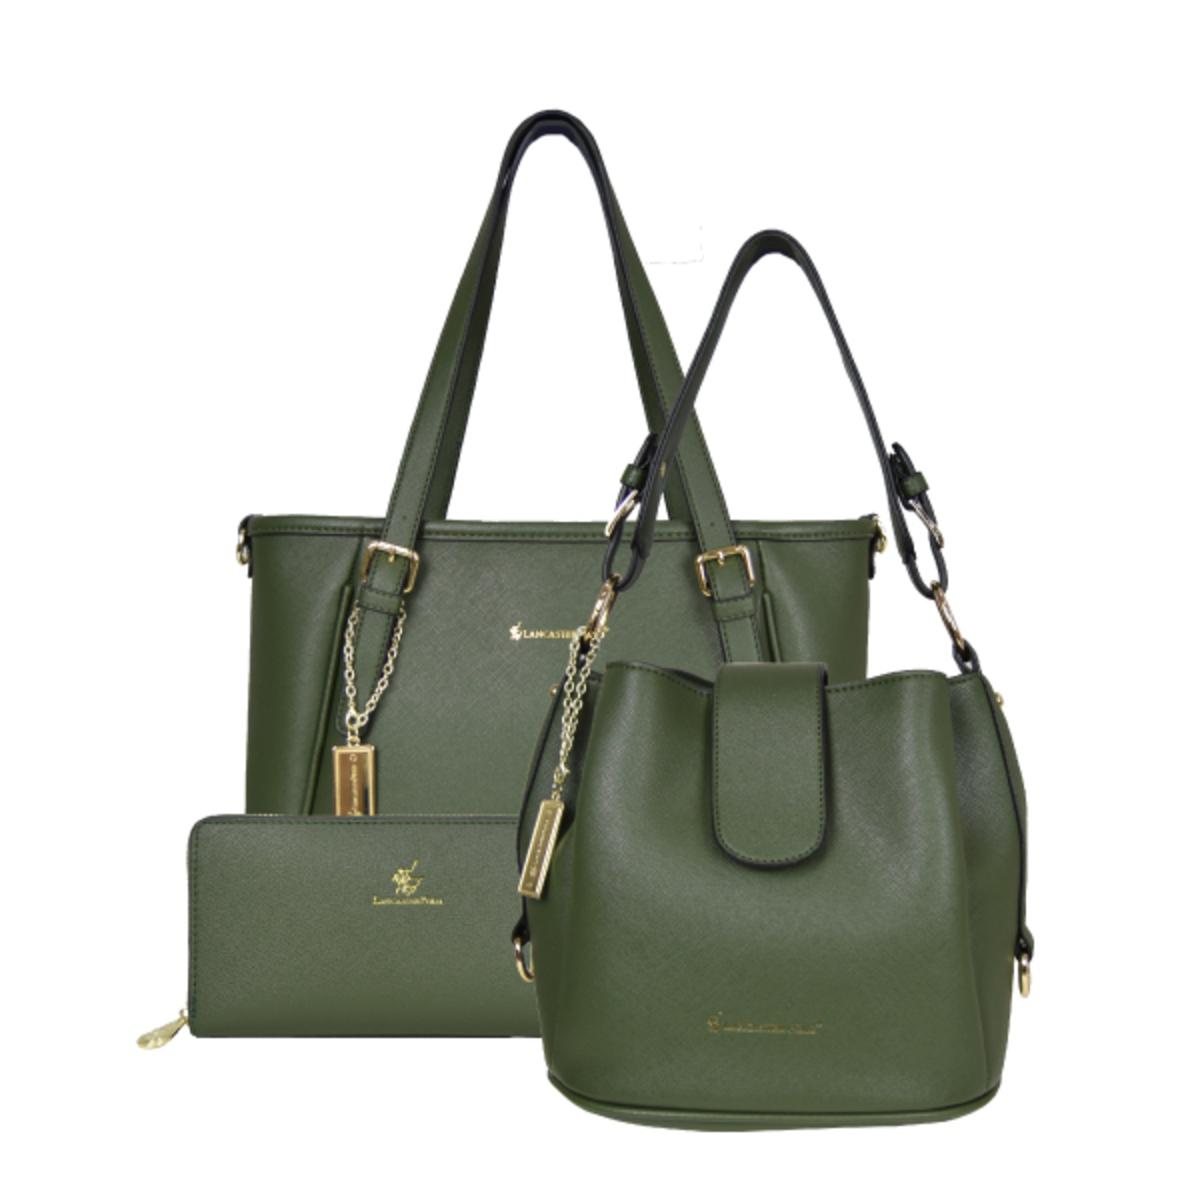 6d3fa752b6 Lancaster Polo Saffiano Handbag Set | Go Shop